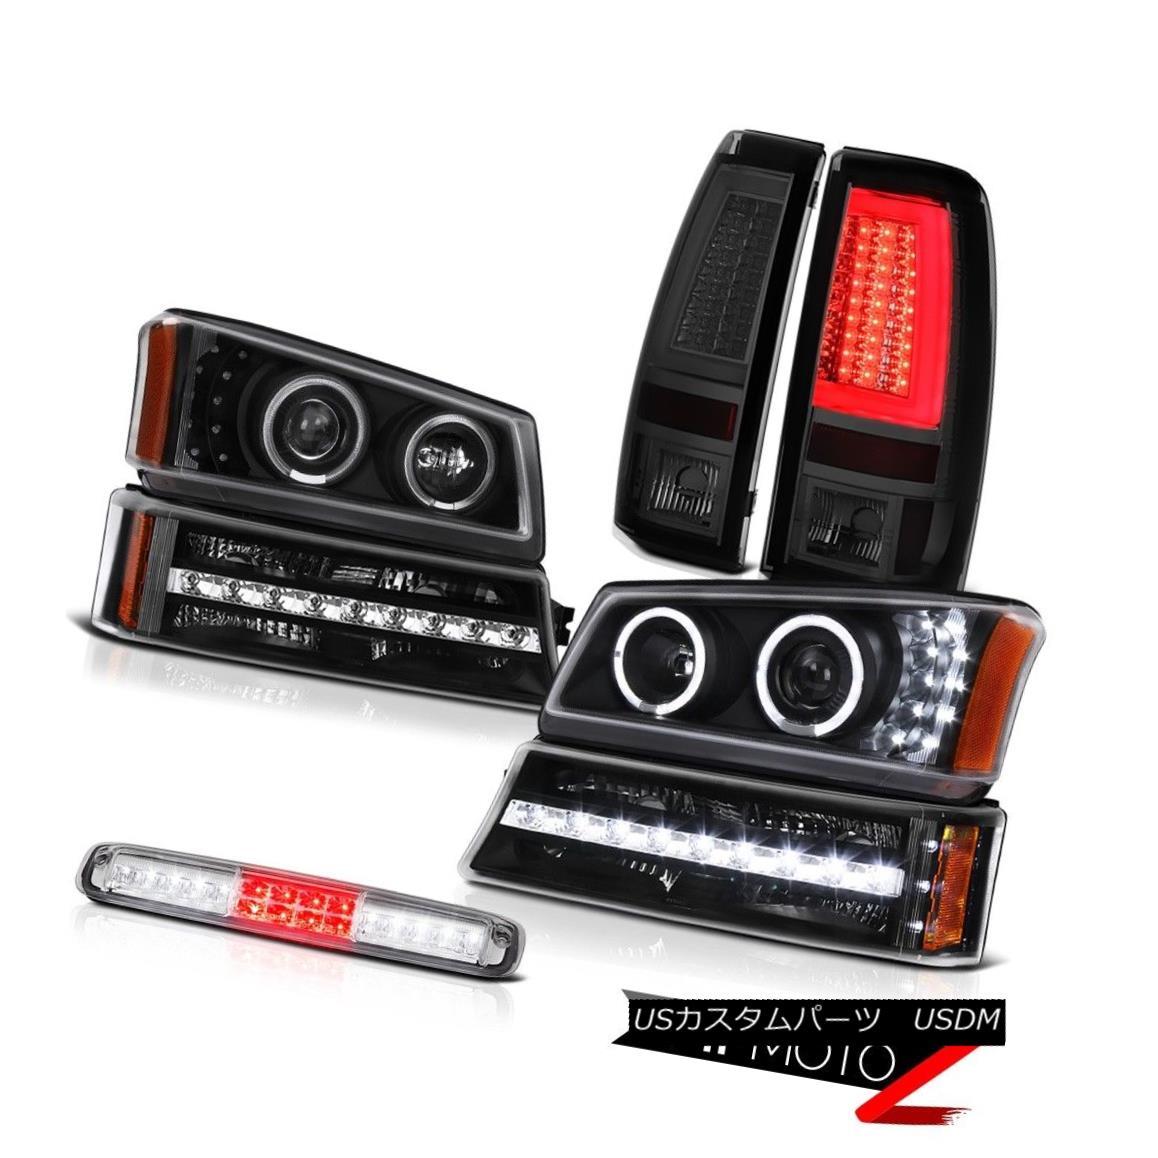 テールライト 03-06 Silverado 3500Hd Taillights Roof Brake Light Headlamps Signal